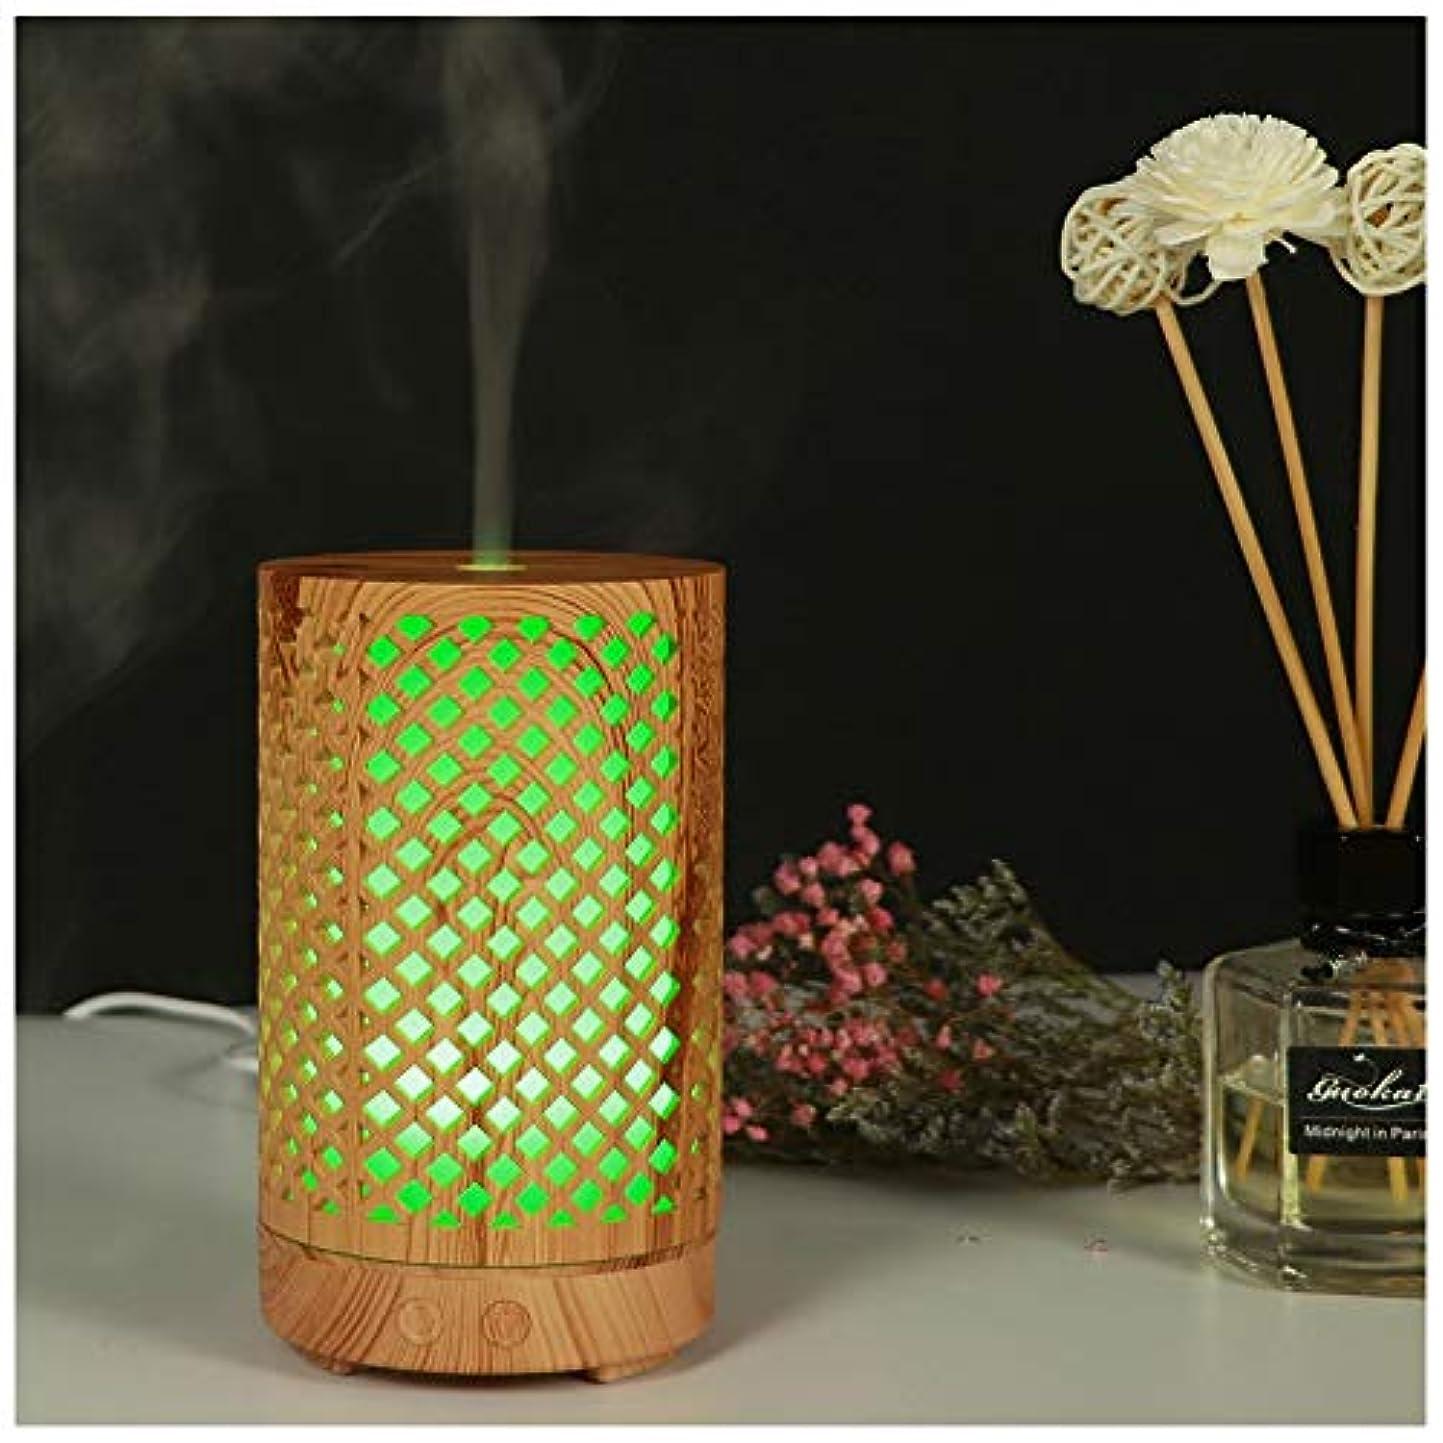 統合価値ミキサーウッドグレインエッセンシャルオイルディフューザー超音波加湿器ポータブルアロマディフューザー7色LED付きホームオフィス用ヨガスパ(100ml),Lightwoodgrain